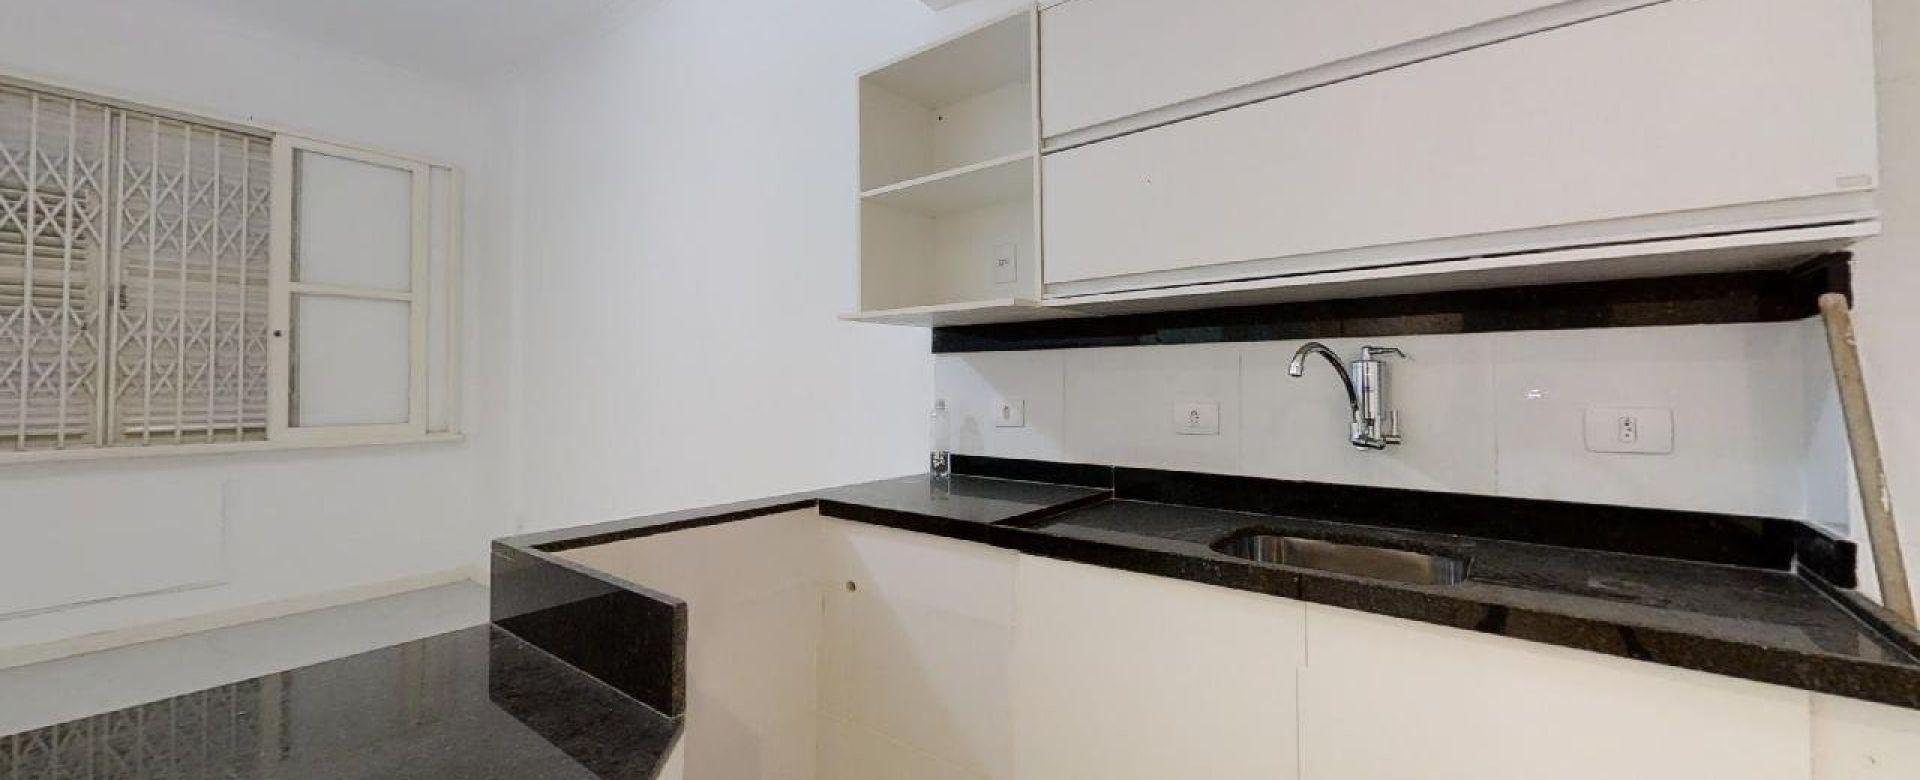 Imagem destaque do Edifício Ipanema Apto 102